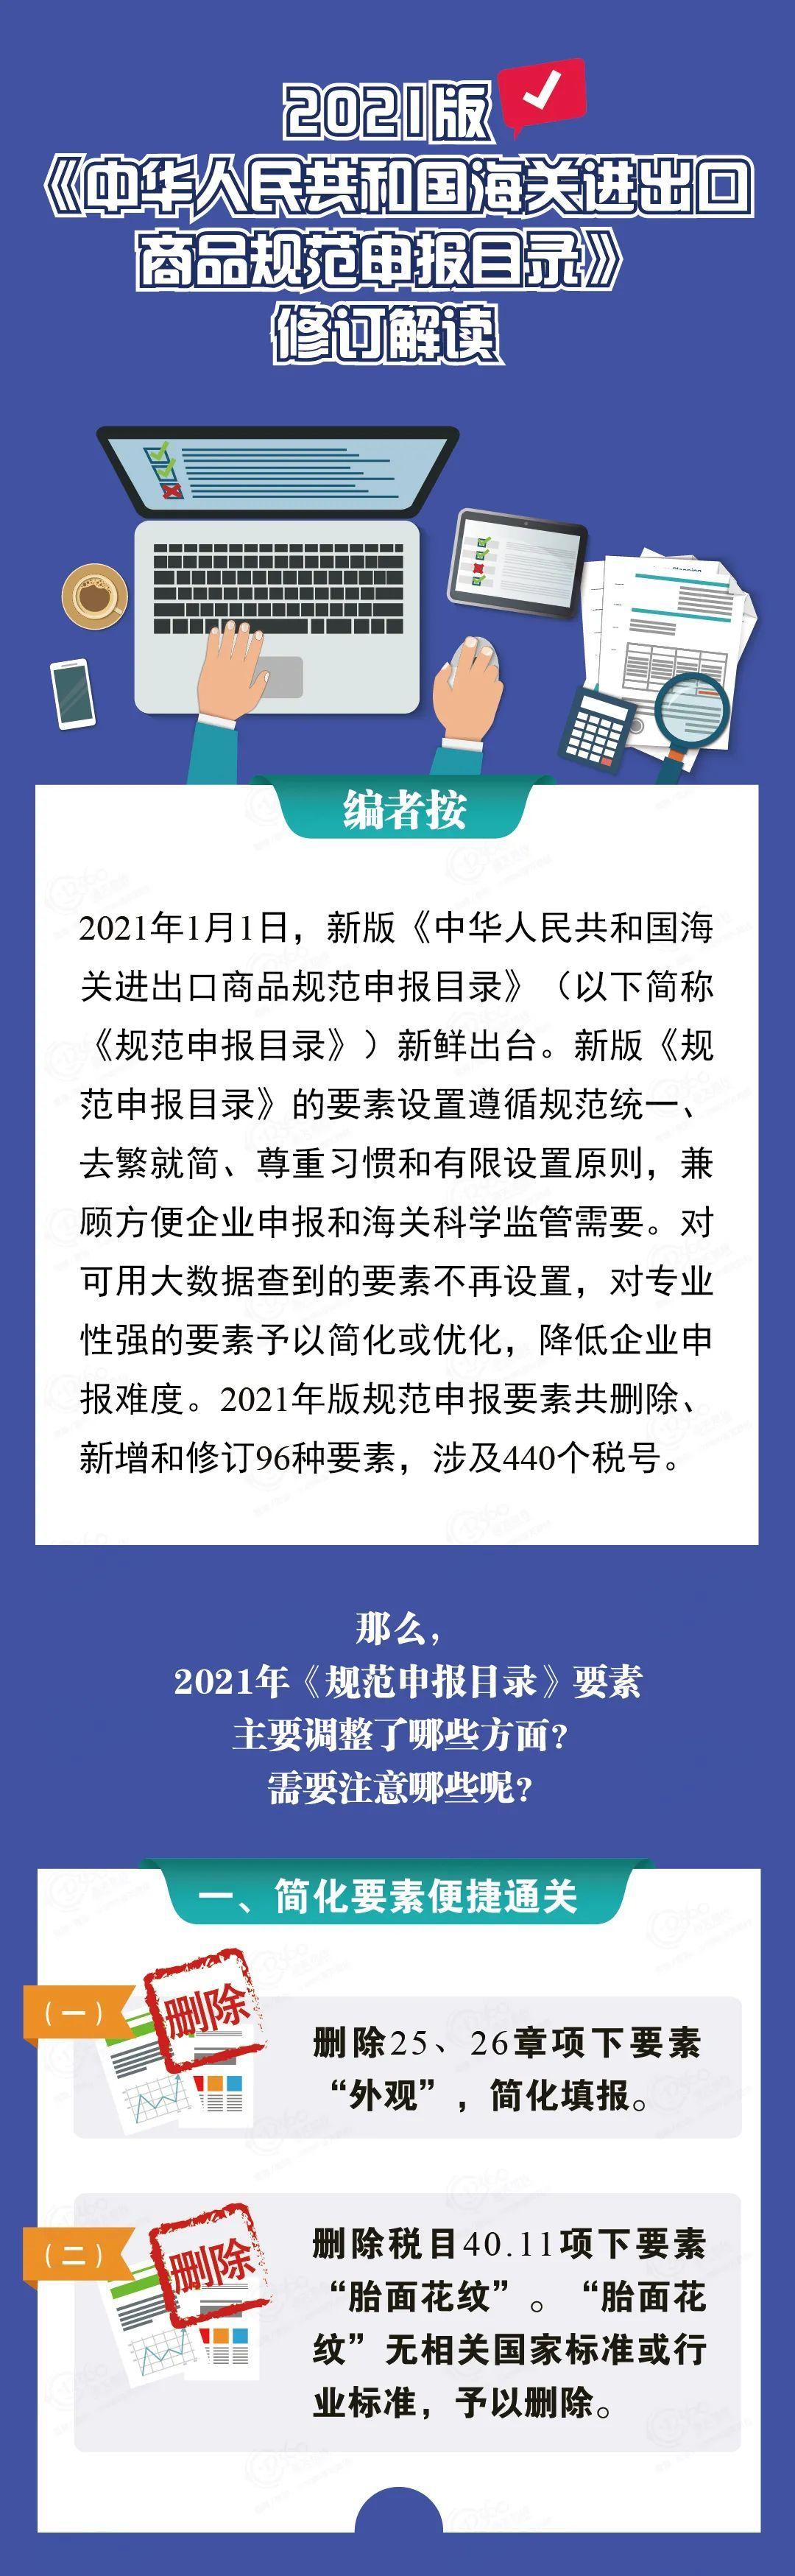 中华人民共和国海关进出口商品规范申报目录》修订解读